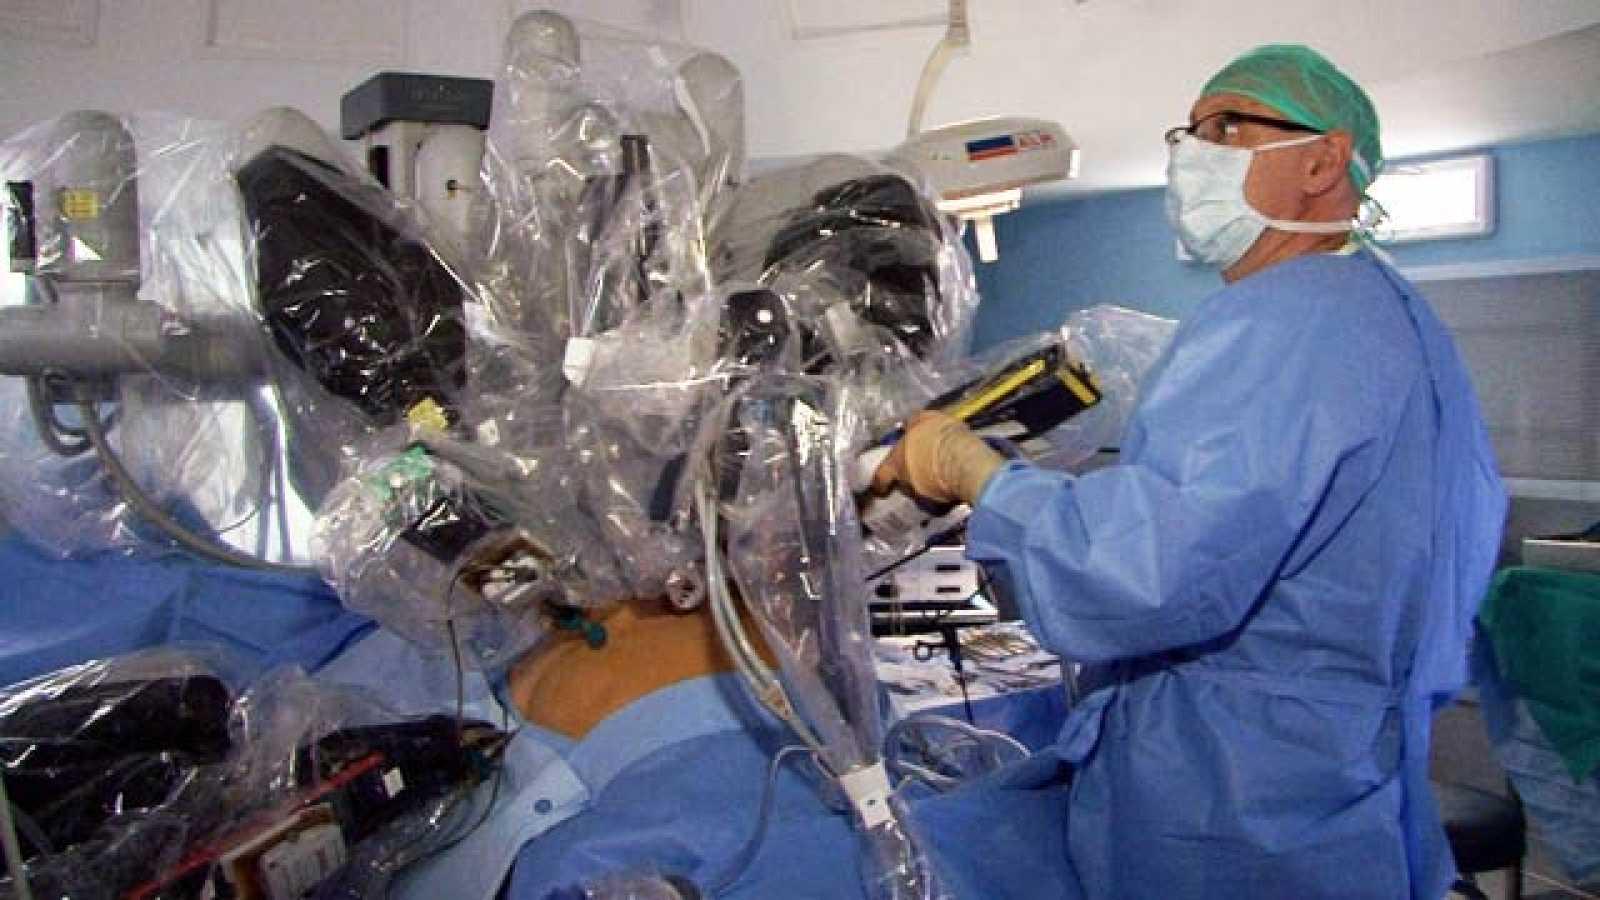 Comando actualidad - Milagro médico - Robot Da Vinci - ver ahora